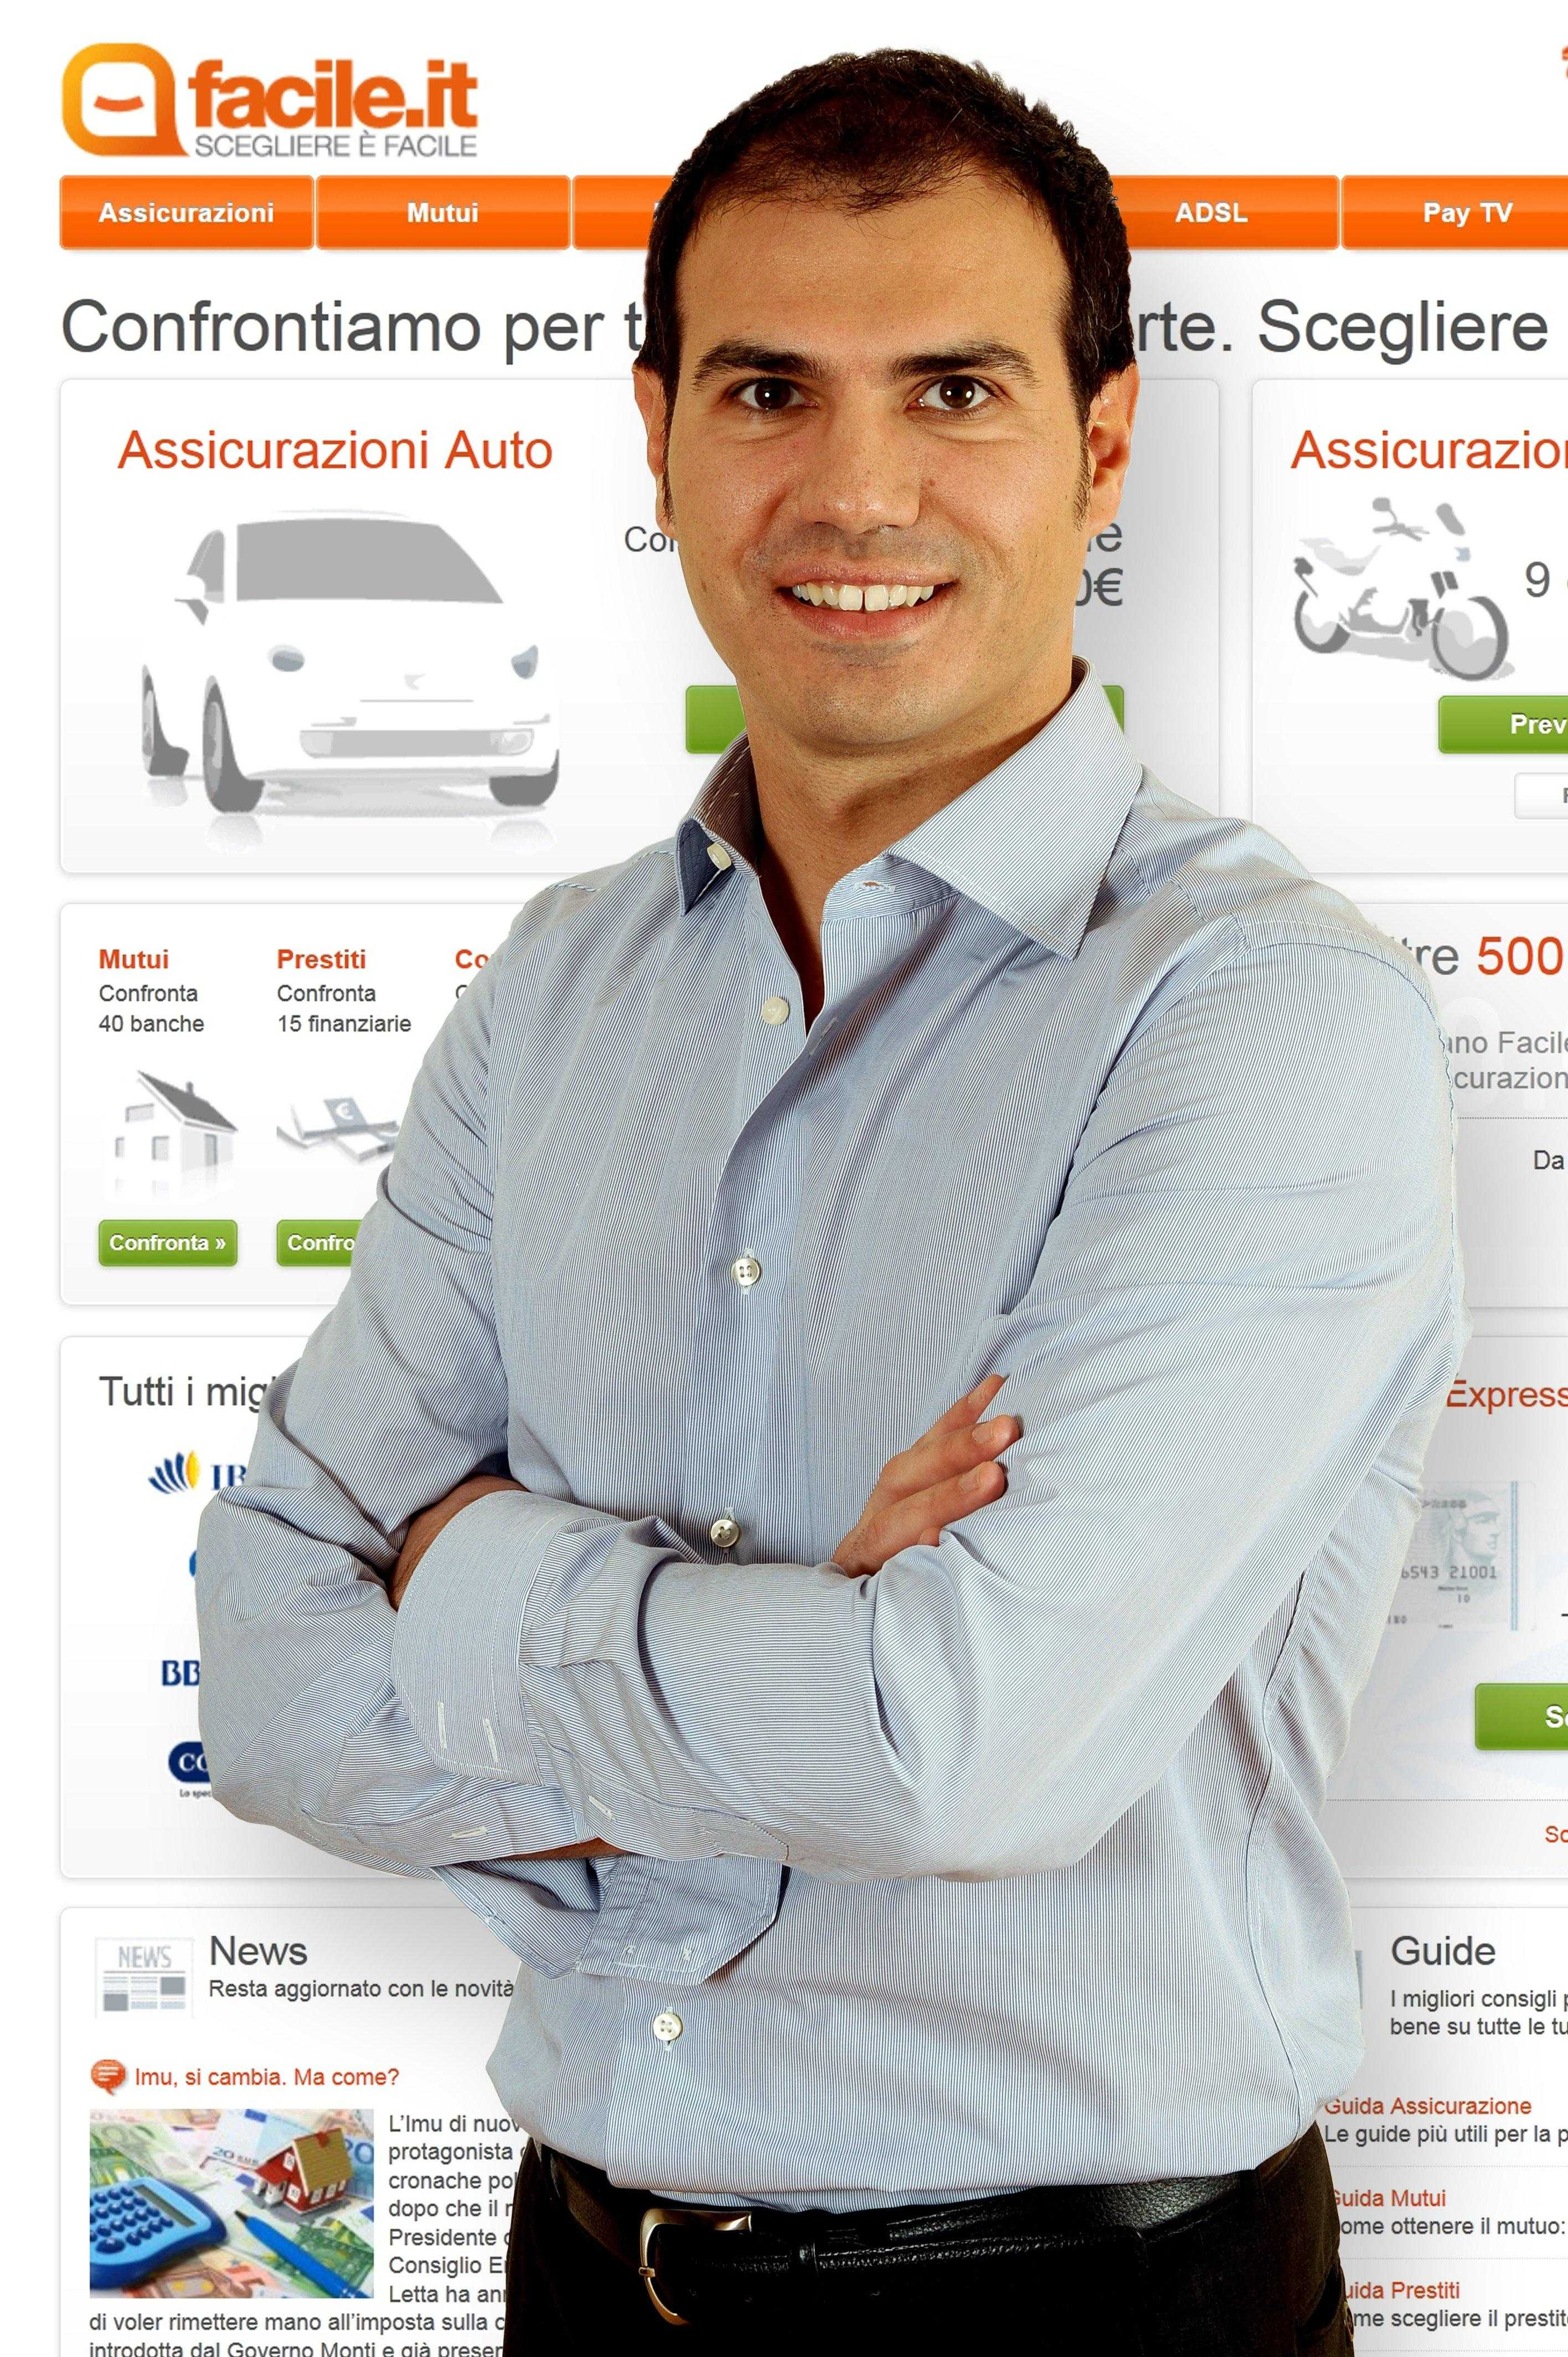 App Made in Italy: Facile.it, l'assicurazione a portata di app!